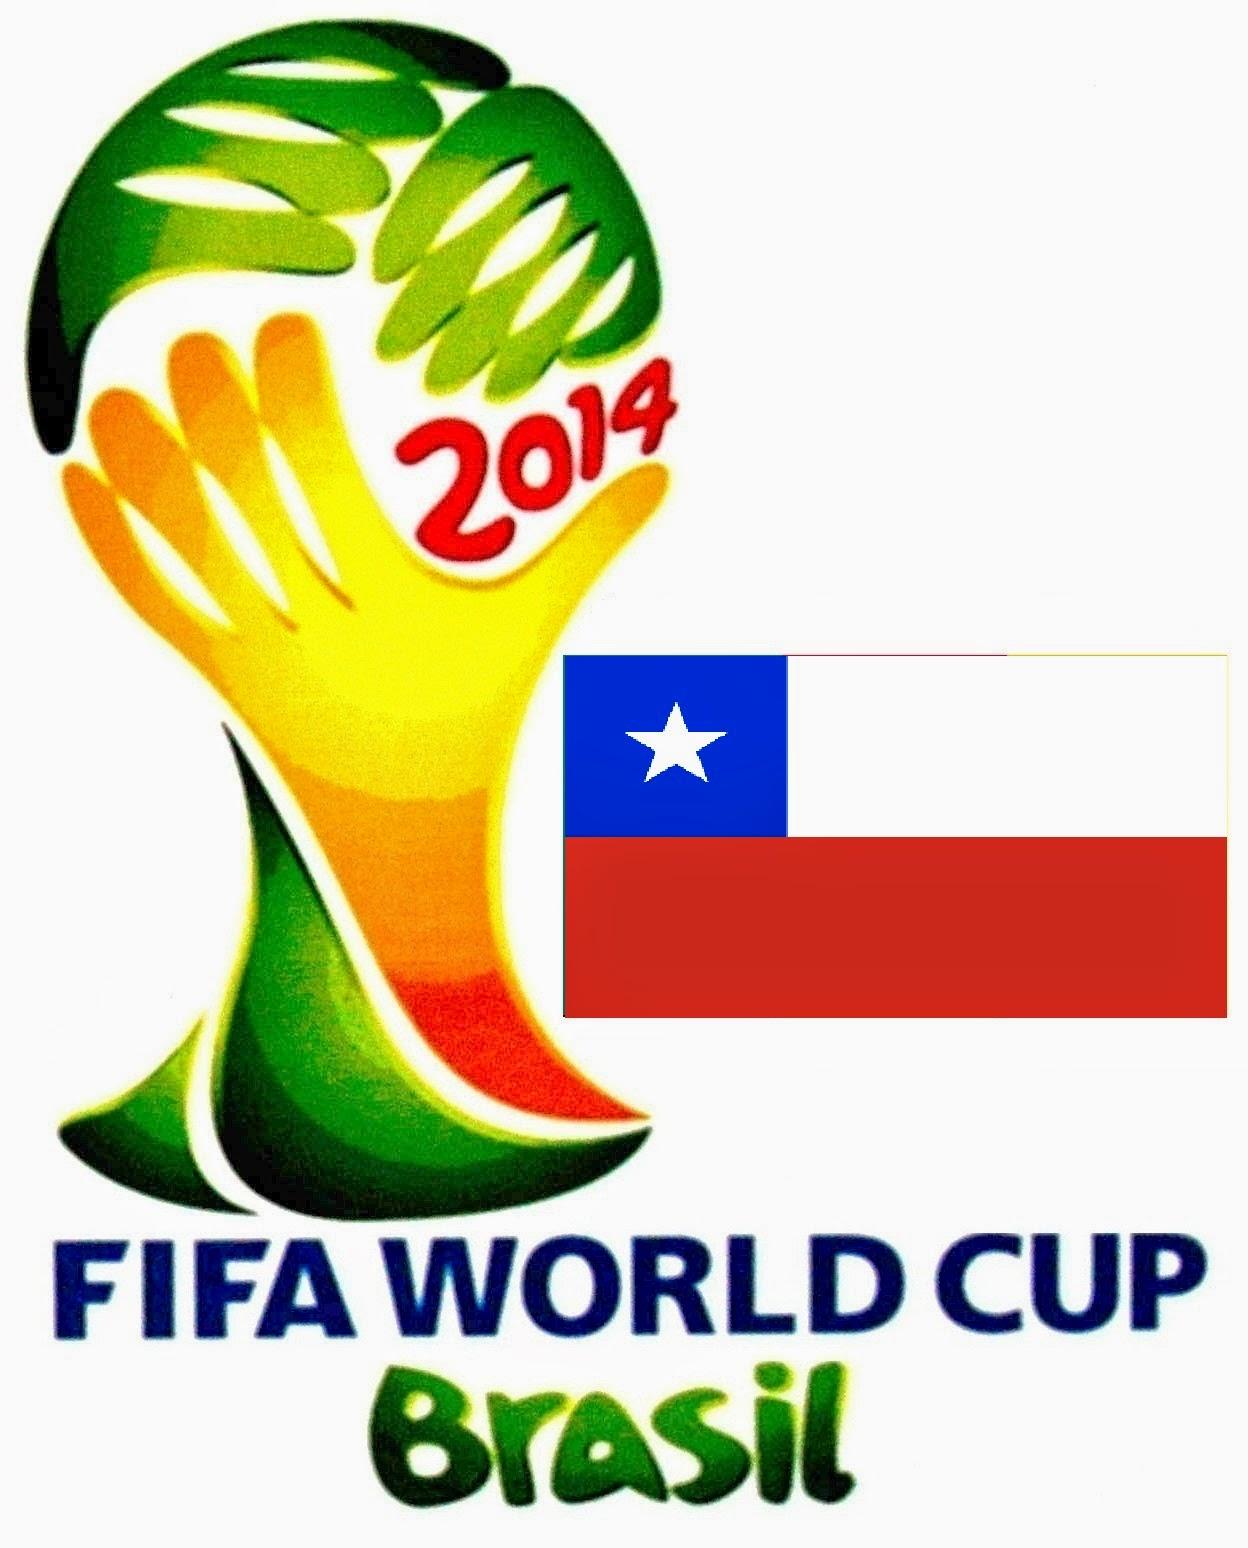 Daftar Nama Pemain Timnas Chile Piala Dunia 2014